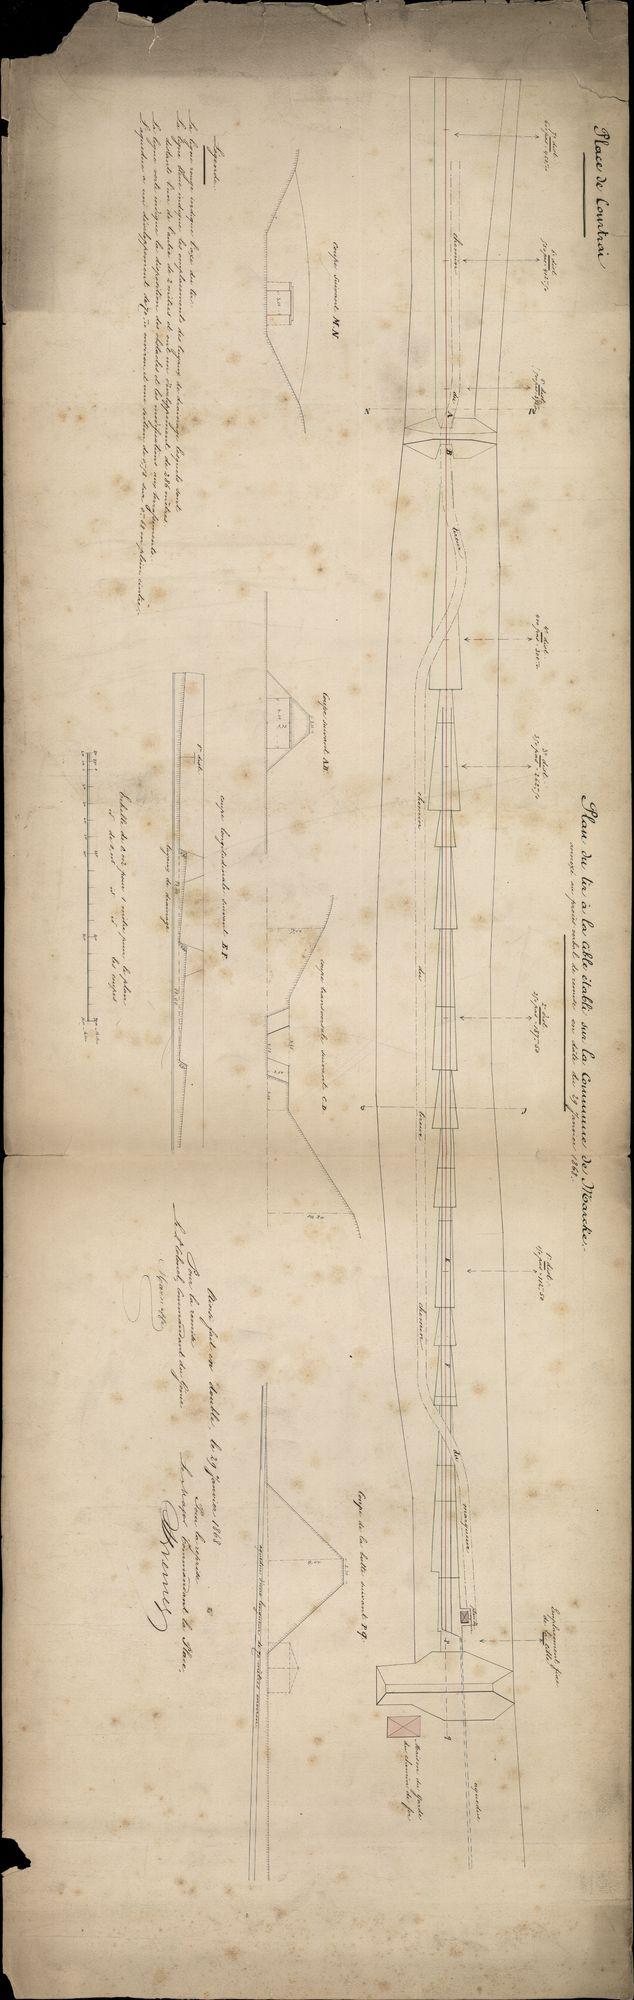 Bouwplannen van een schietbaan te Marke en aan de abdijkaai te Kortrijk, 1858-1884